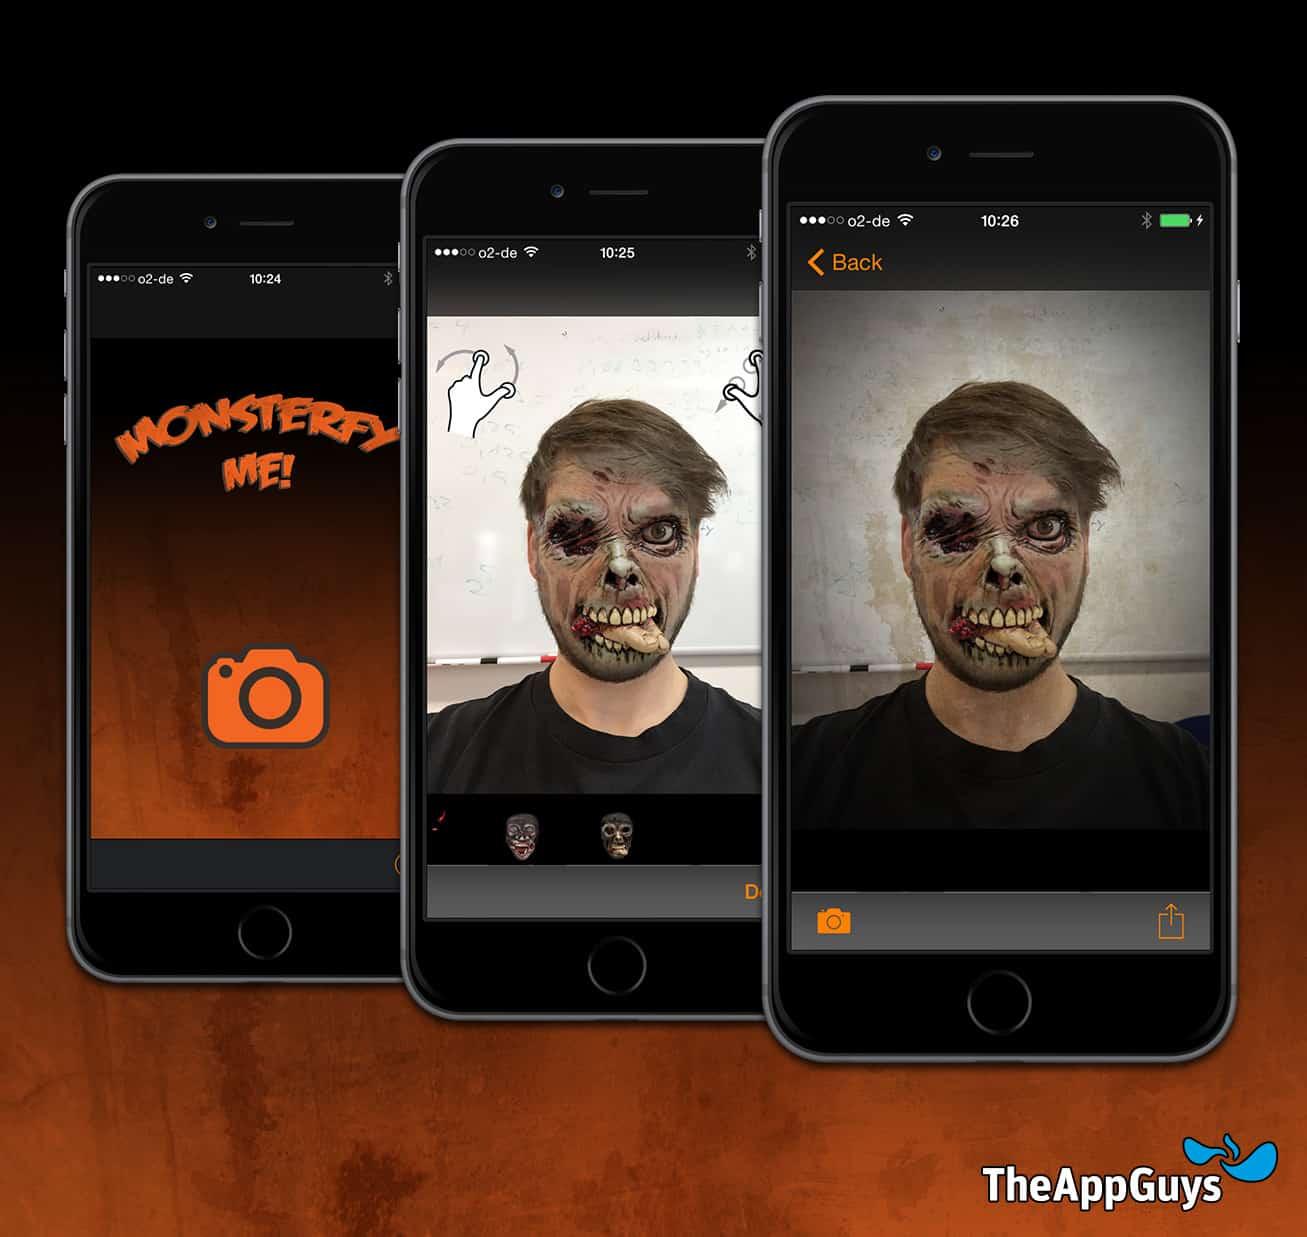 Passend zu Halloween bringen TheAppGuys mit der Monsterfy Me App einen gruseligen Gratis-Spaß auf den Markt. Mit dieser App können Horror-Fans ihre normalen Portraitfotos in furchterregende Monster-Fratzen verwandeln.